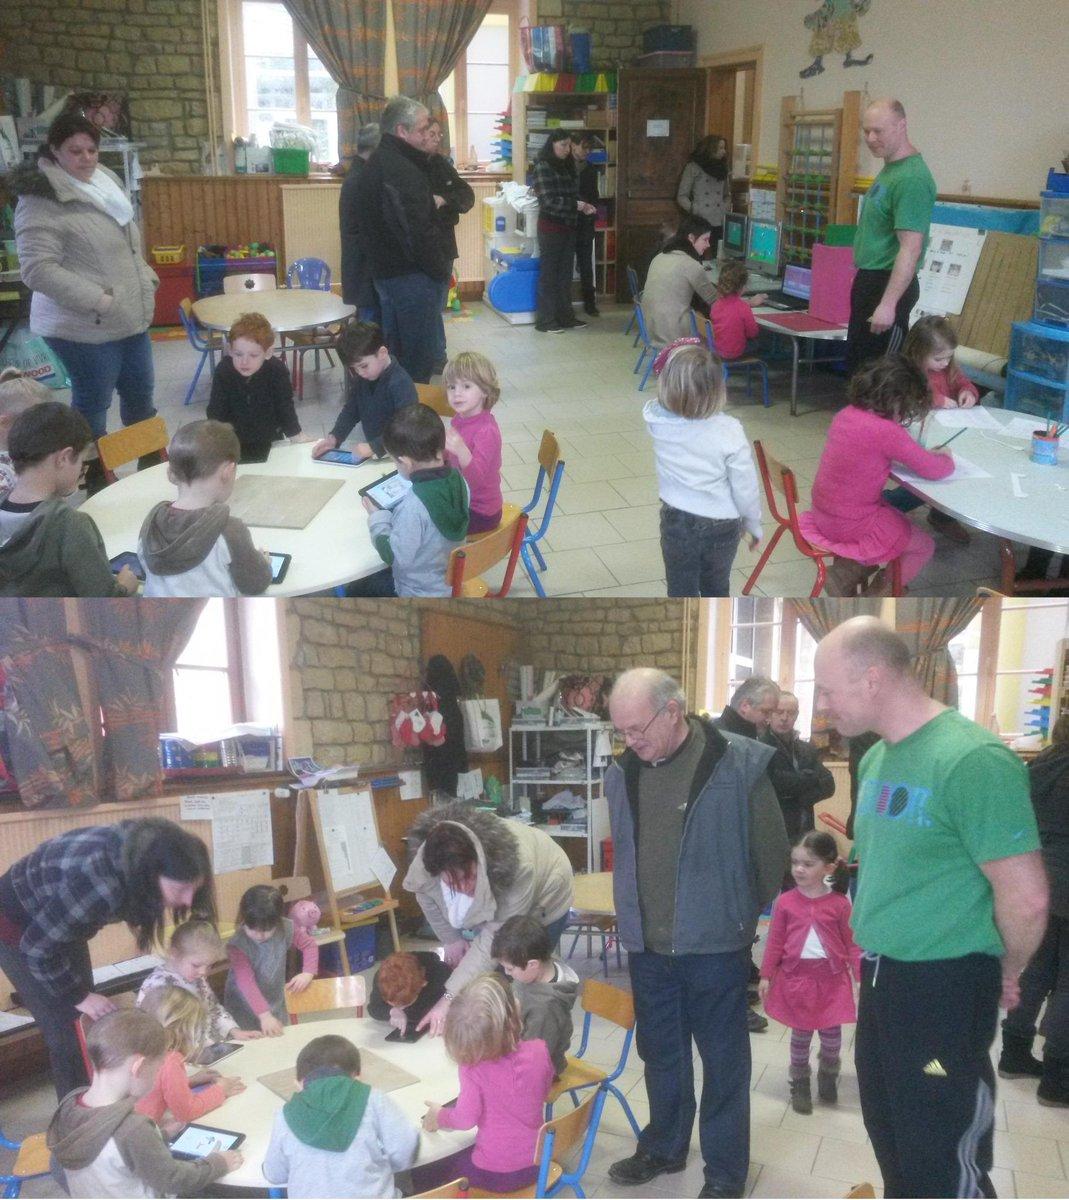 """#forumatice Matton : M Ledoux a reçu élus et parents d'élèves dans sa classe de maternelle pour 1 séance """"numérique"""" http://t.co/4LGYgYntFY"""